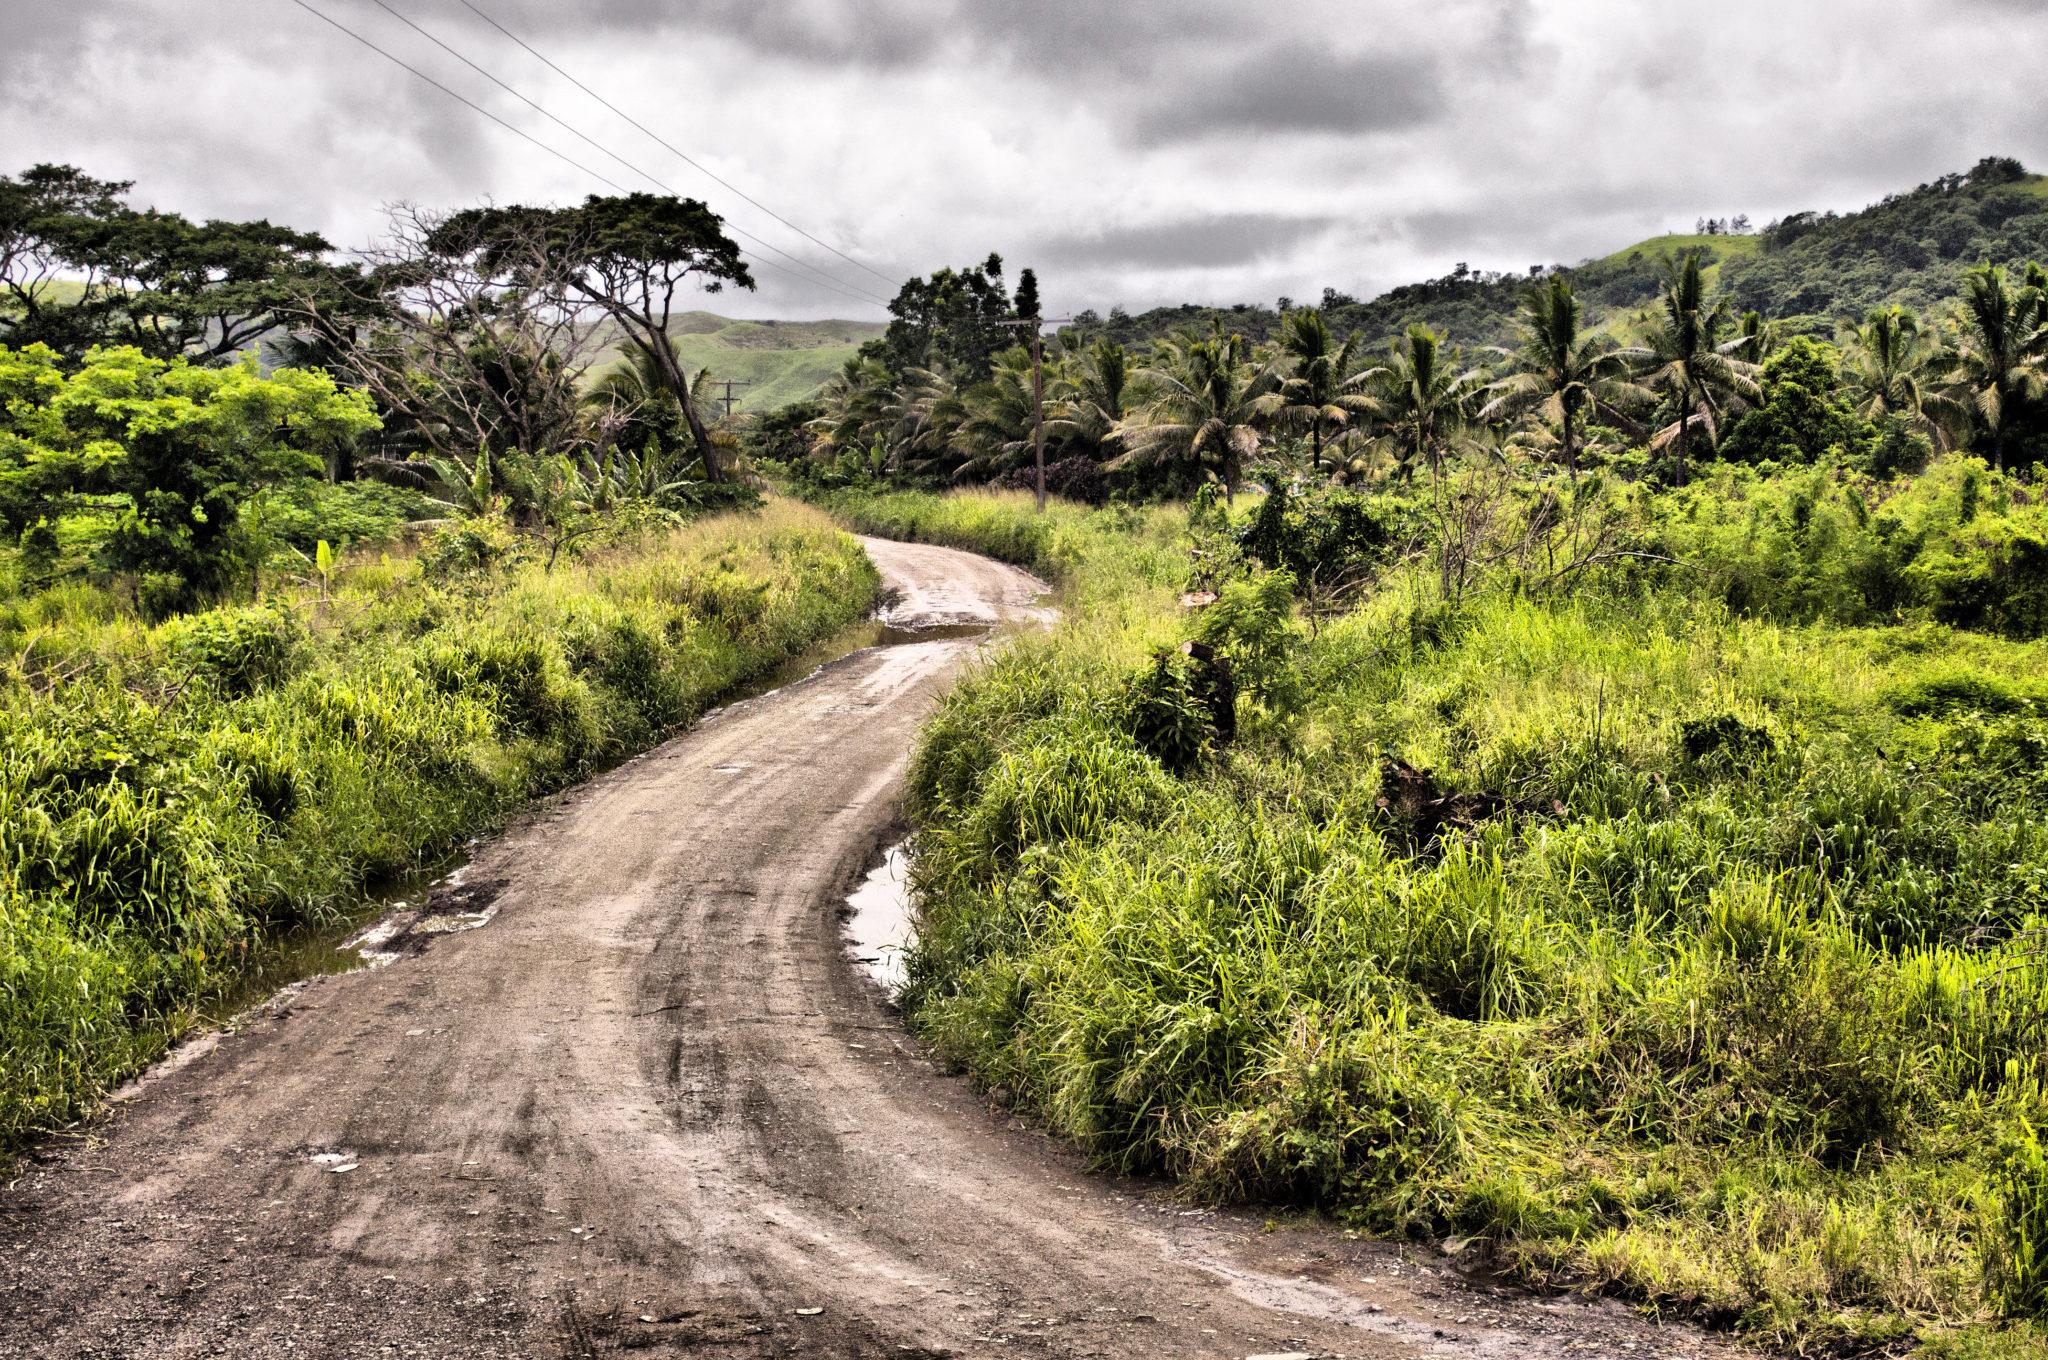 Fidschi Reisen können auch mal auf einer Schotterpiste stattfinden